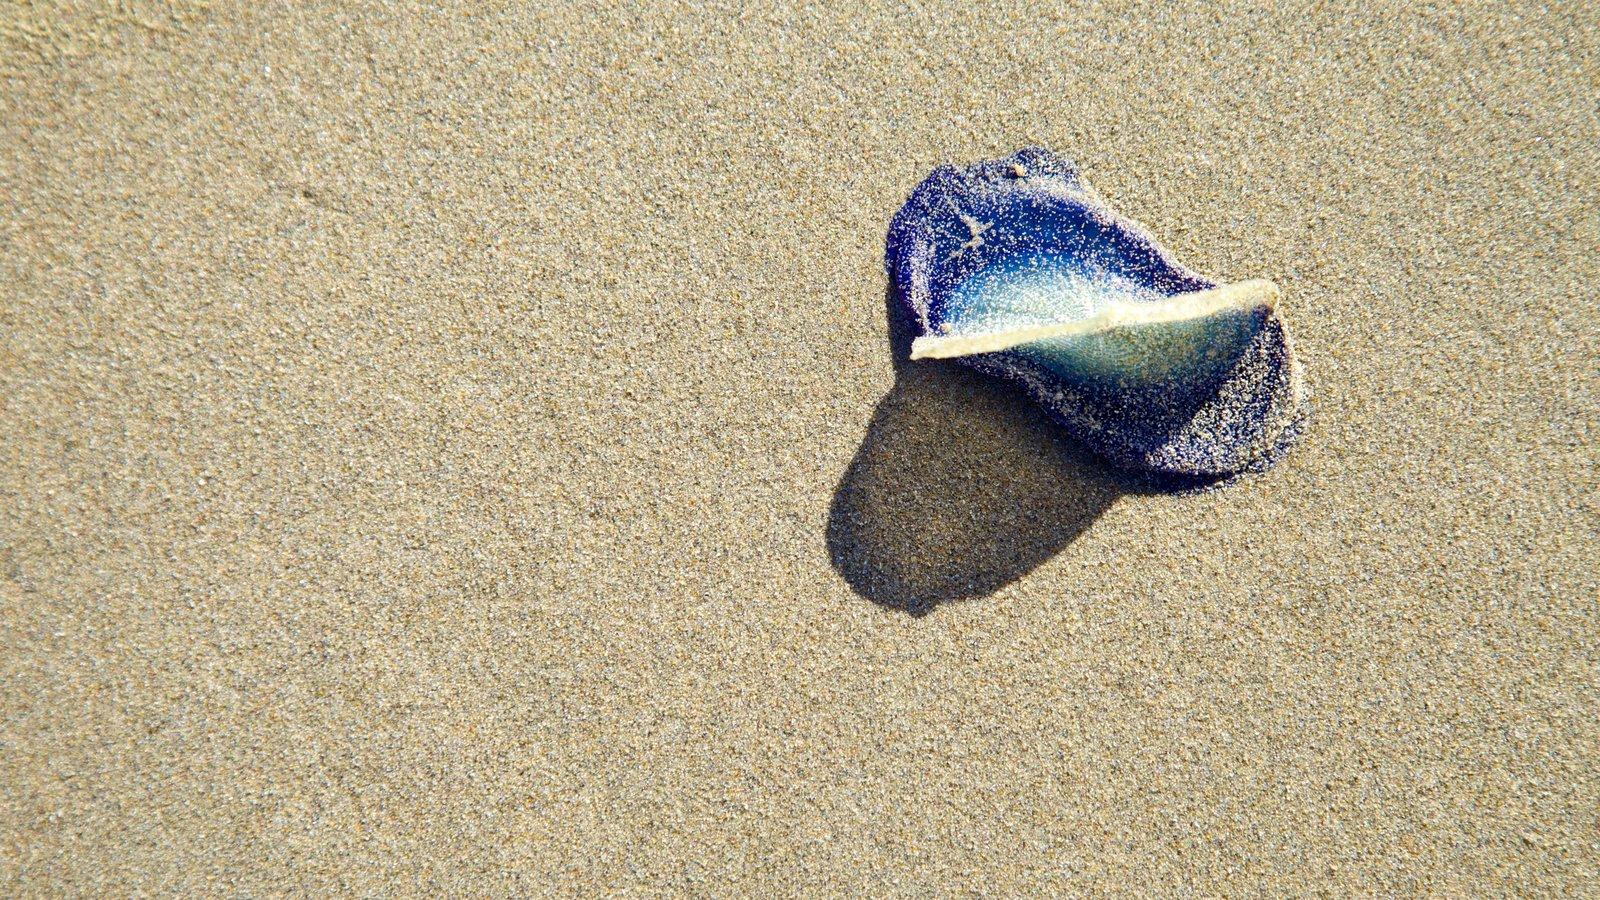 Bandon Beach caracterizando uma praia